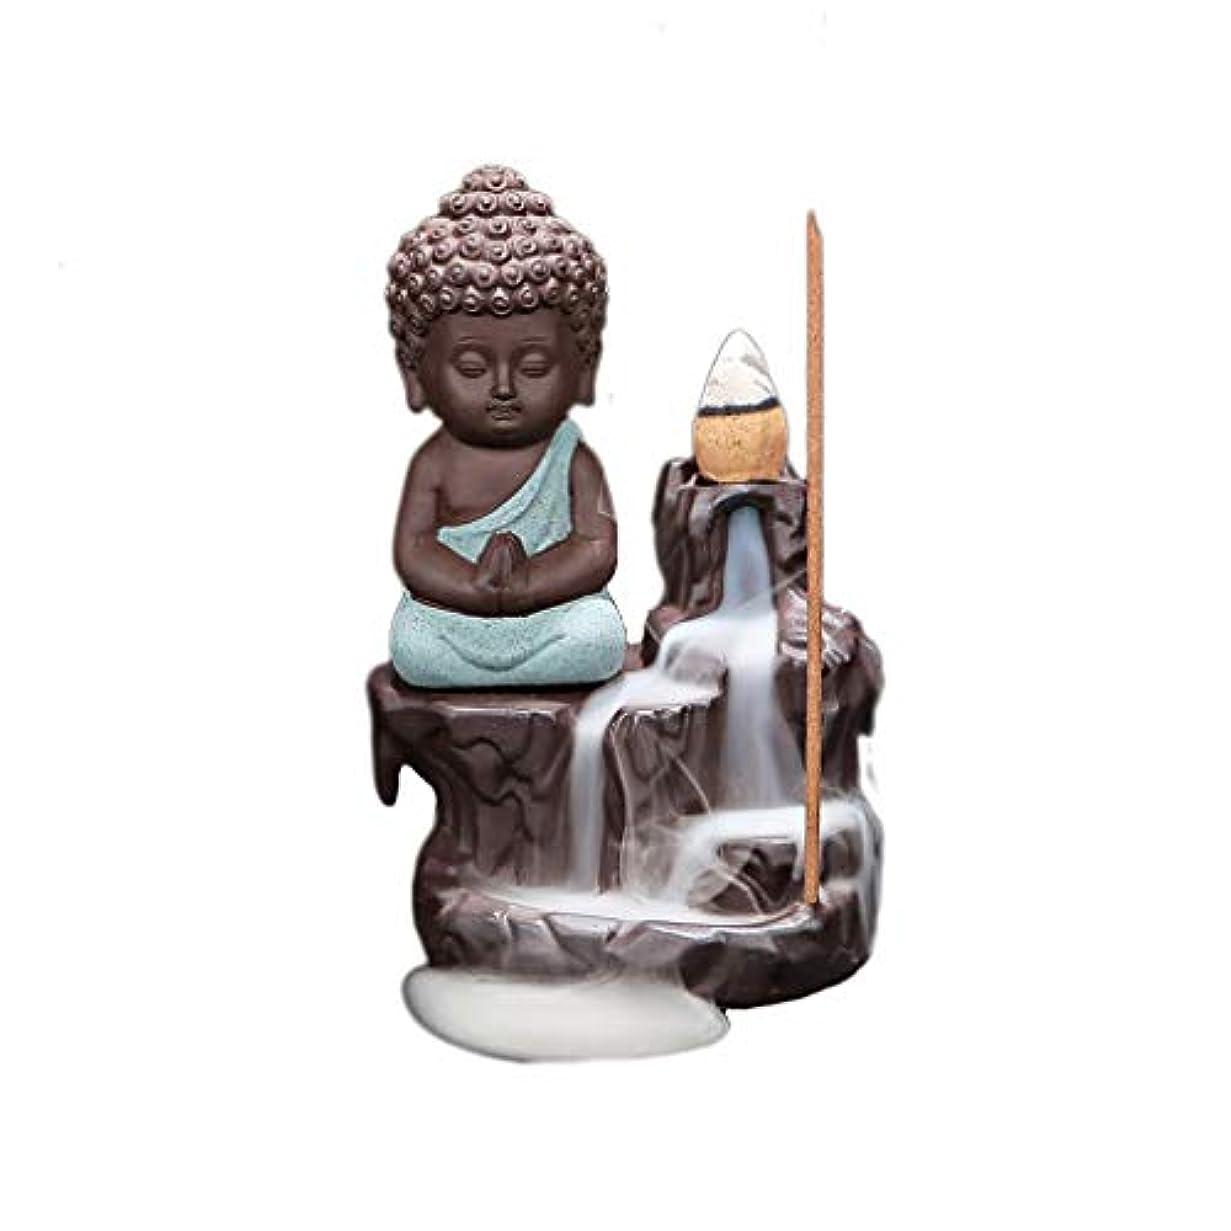 ファームお風呂を持っている好み逆流リトルモンク仏陀香炉バーナーコーンスティックホルダーホームセラミック香ホルダーアッシュキャッチャー (Color : Green, サイズ : 4.88*3.22 inches)